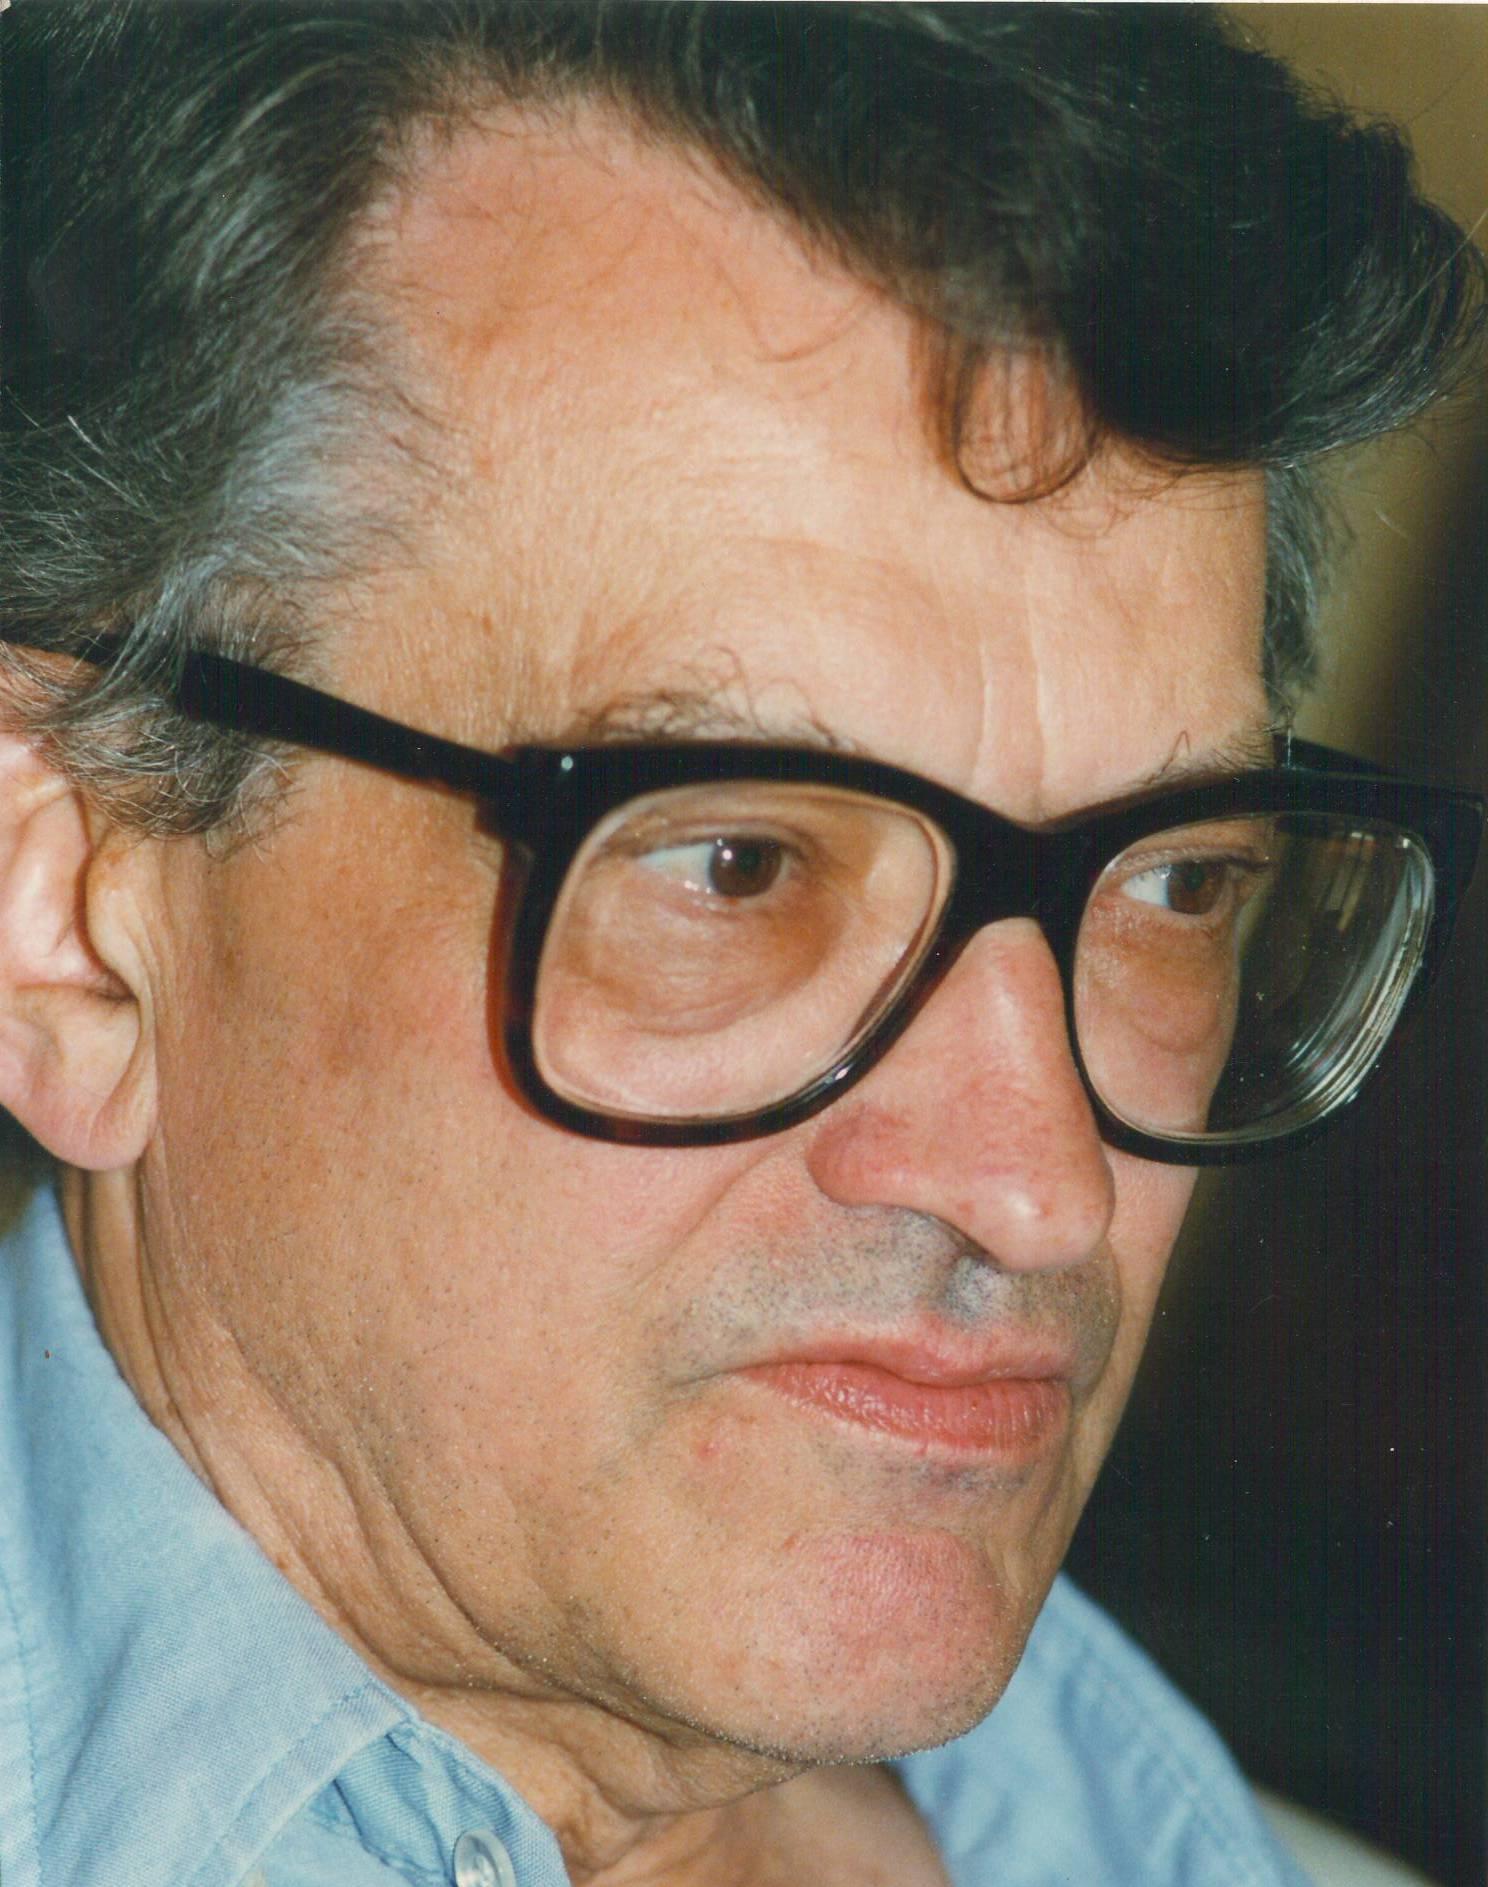 Image of Vojtech Jasný from Wikidata